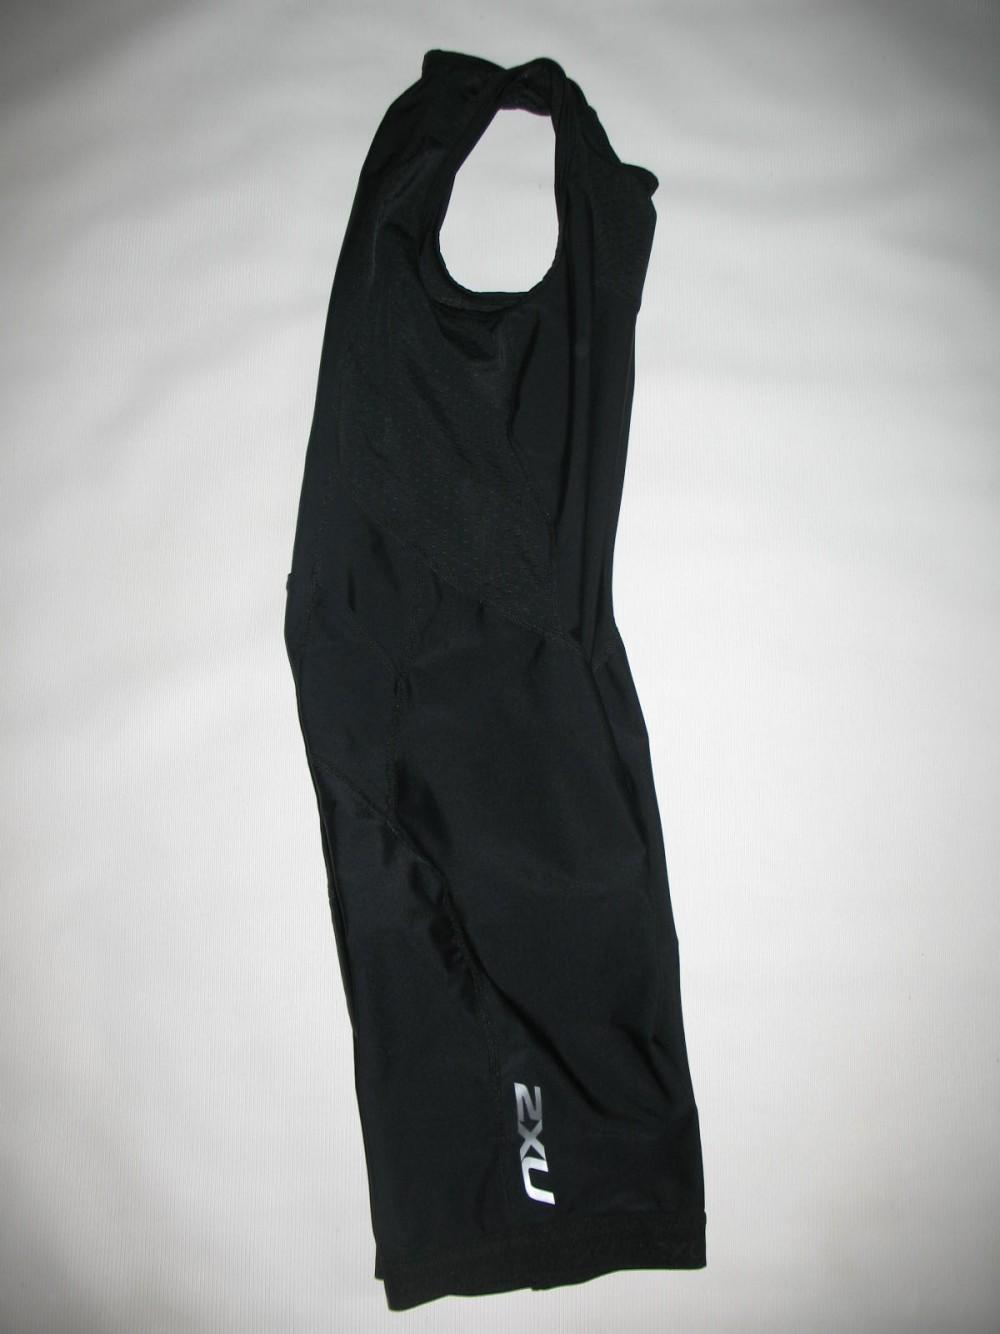 Костюм для триатлона 2XU perform trisuit lady (размер S) - 8